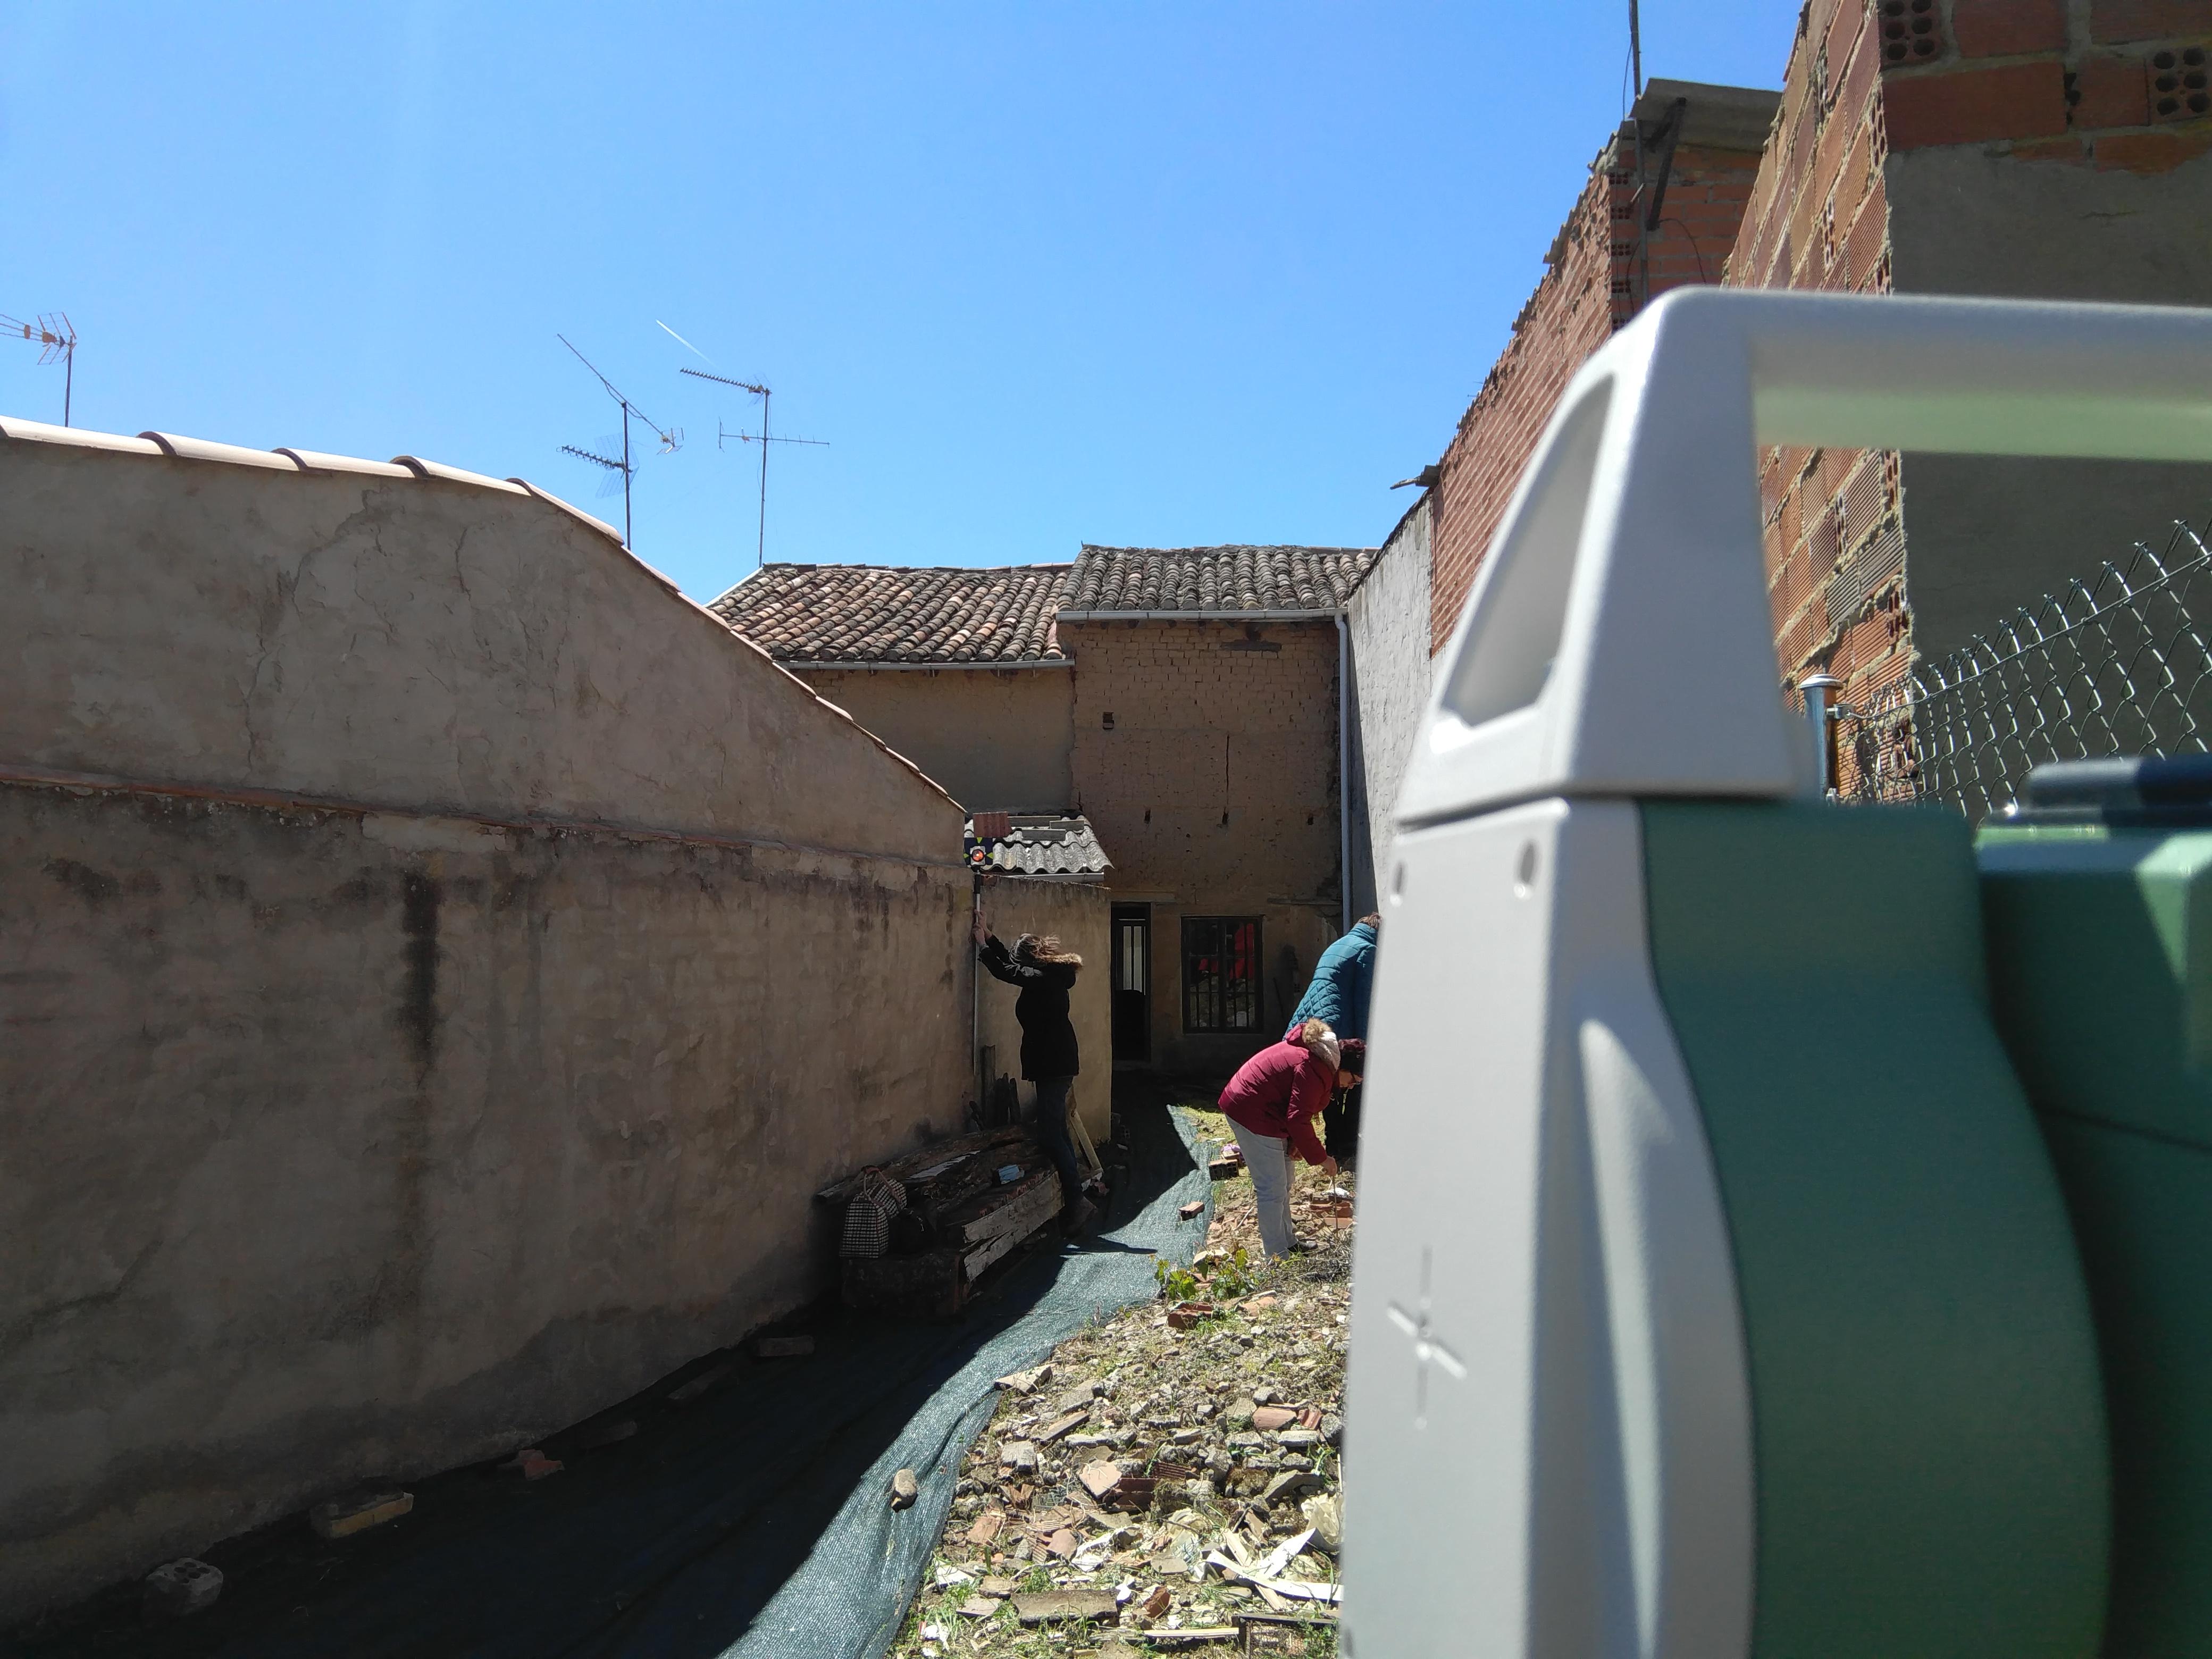 Actualización catastral de una parcela y su vivienda. CATING Catastro Topografía e Ingeniería.